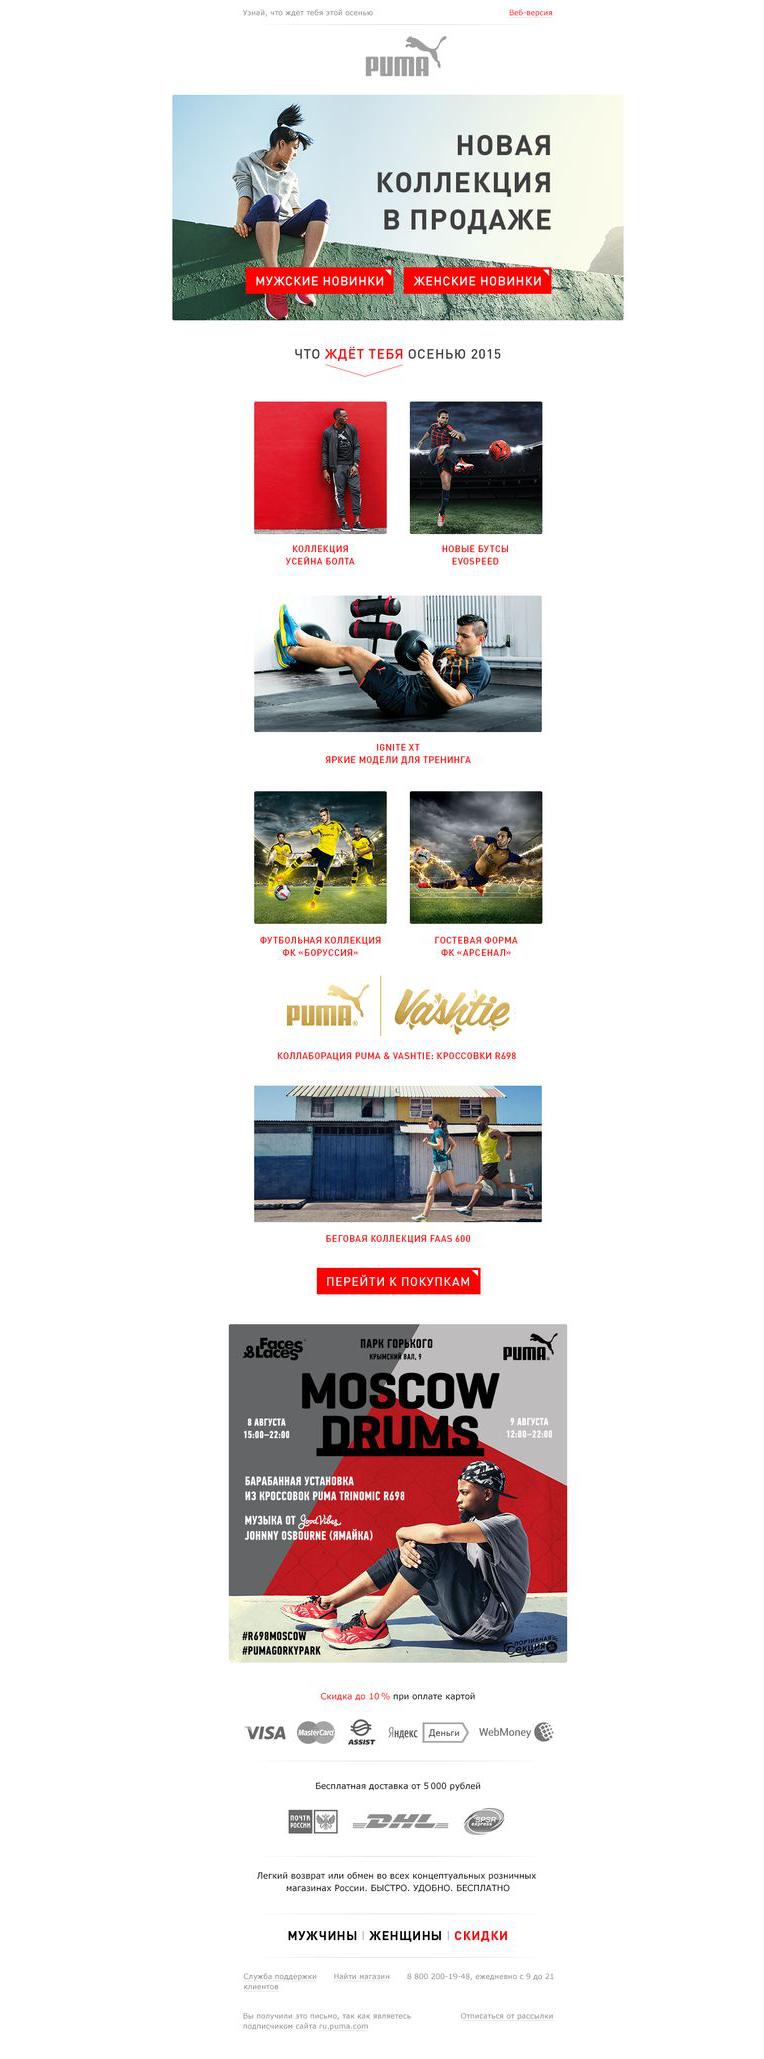 пример email рассылки Puma